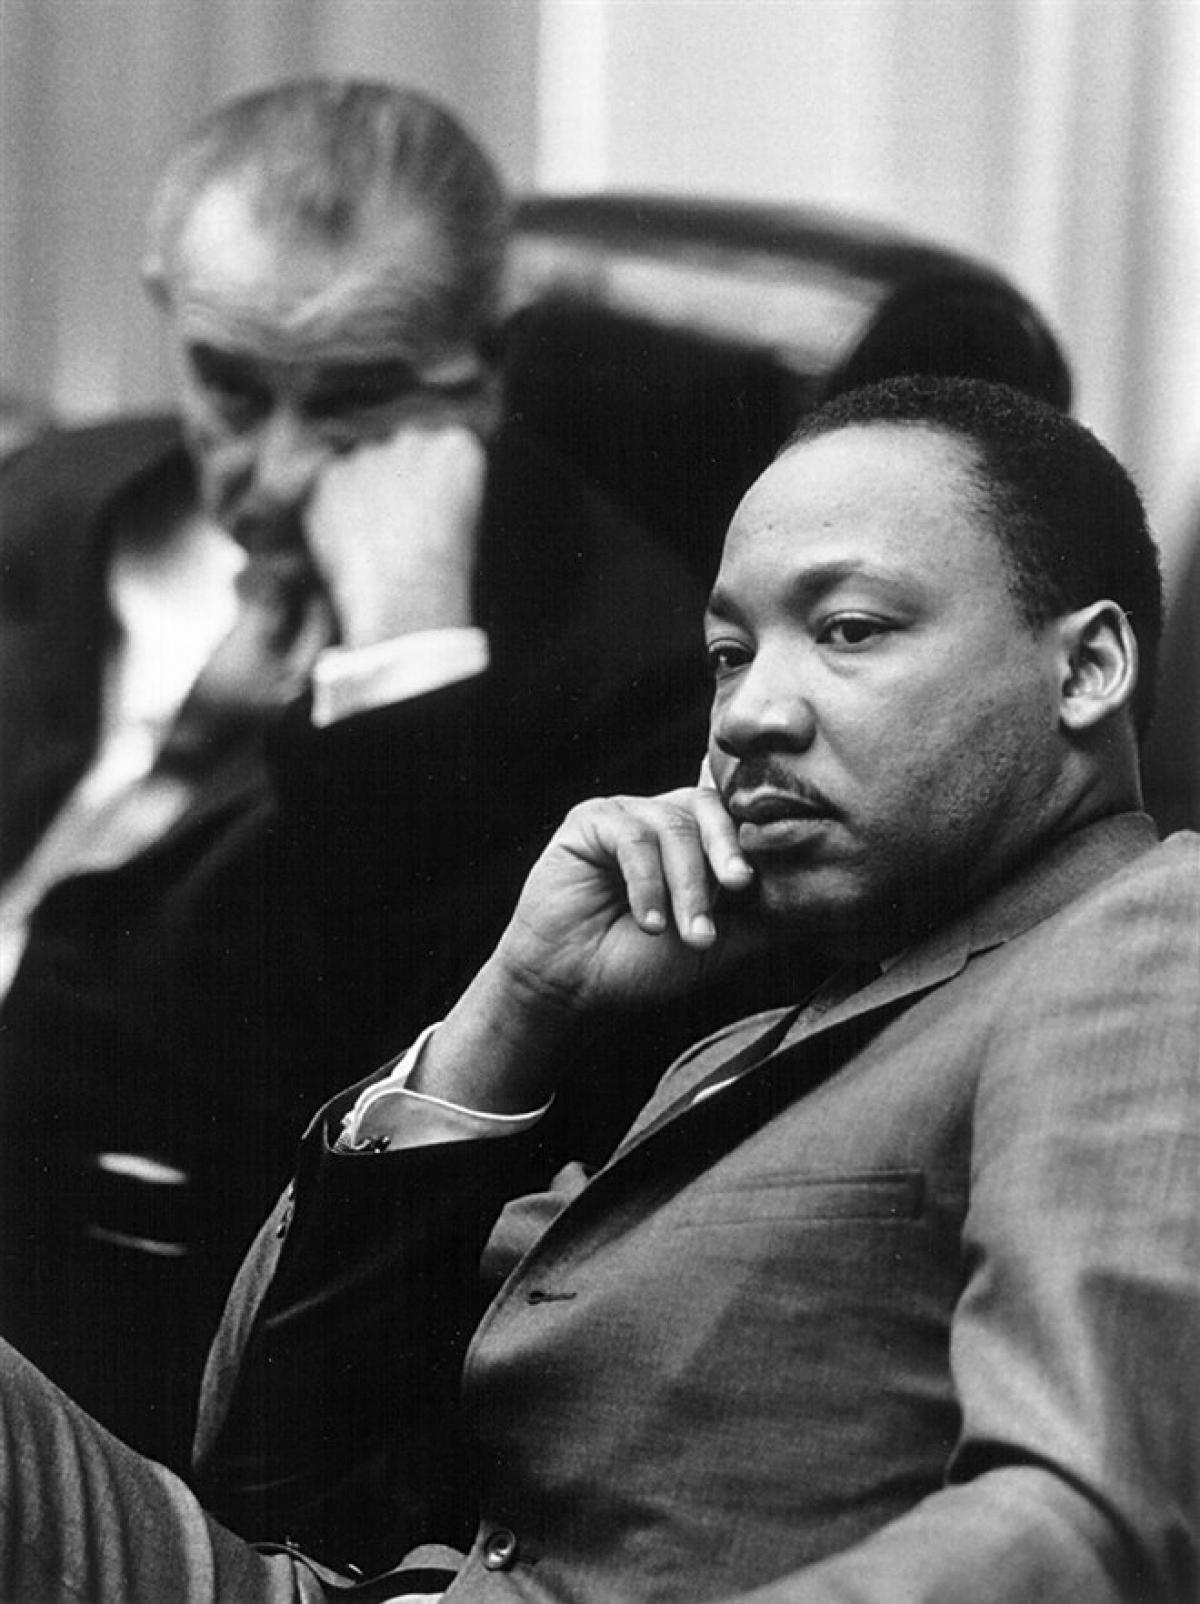 Mục sư King cùng Tổng thống Lyndon B. Johnson tại Nhà Trắng vào ngày 18/3/1966. Ảnh:Getty Images